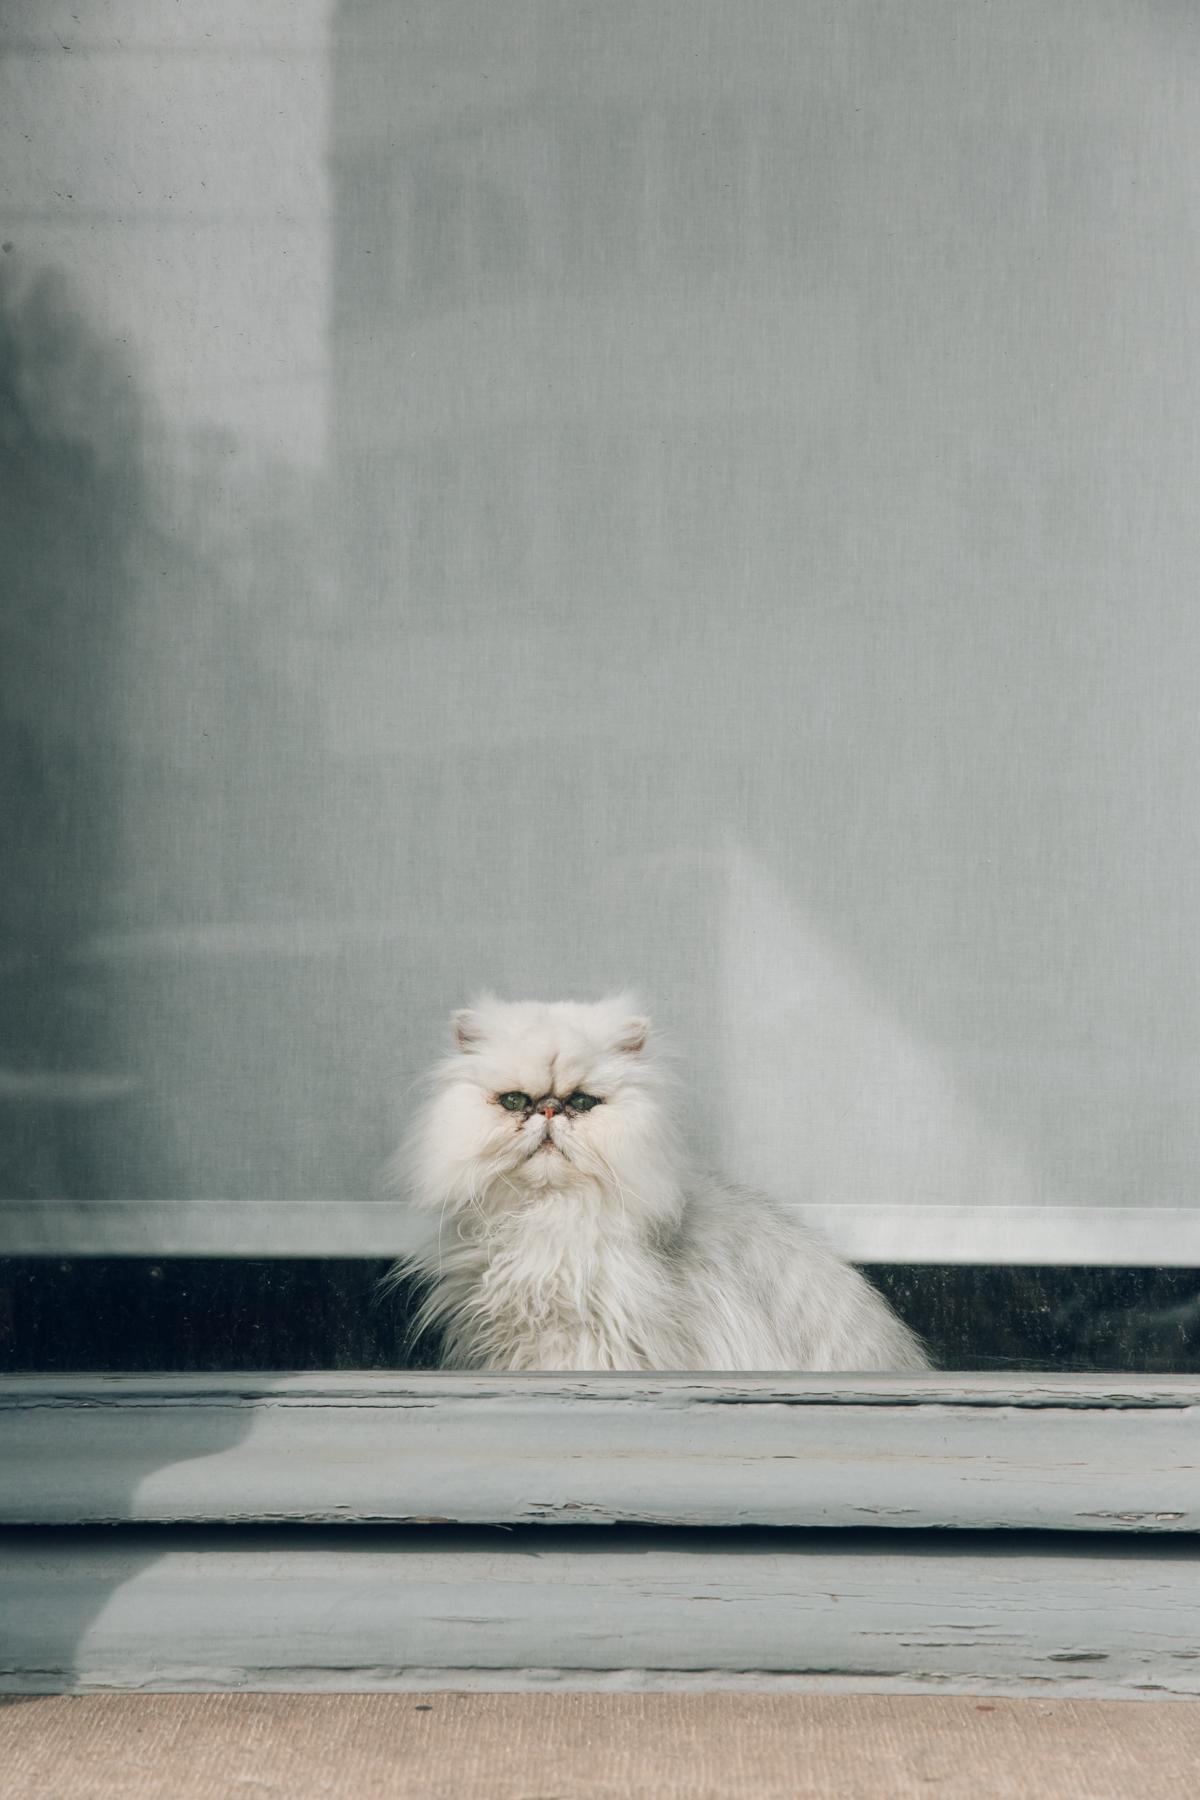 Coco the cat in the window in Gent, Belgium.